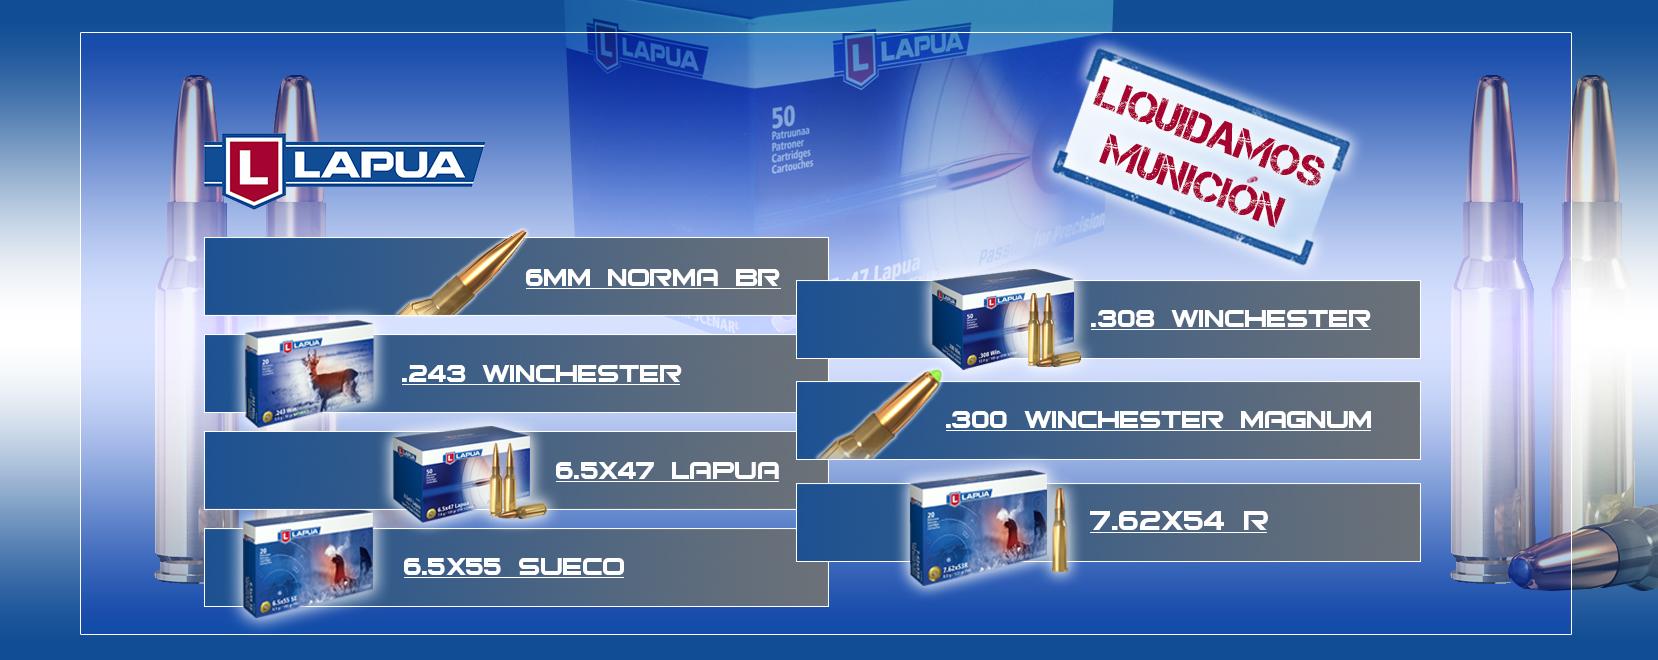 Liquidación de munición Lapua en LejarazuSport.com